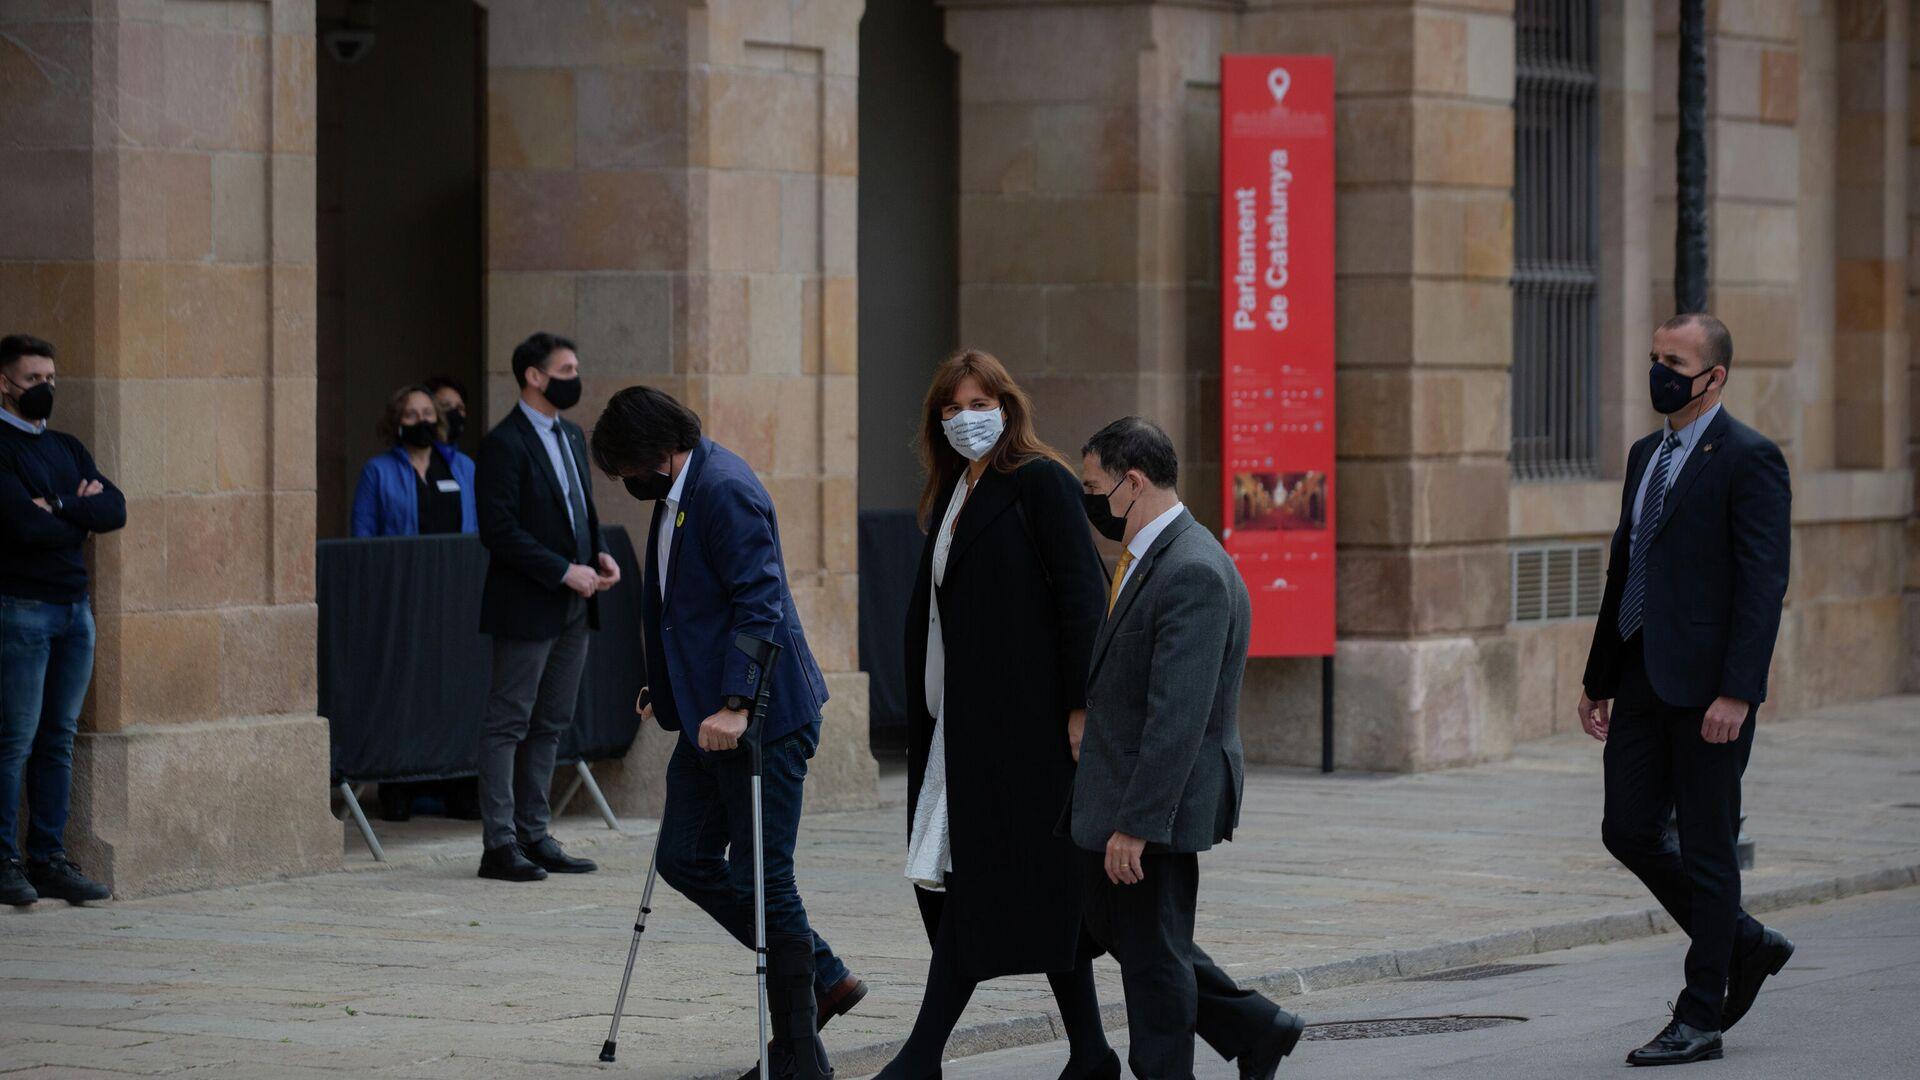 Laura Borràs a su llegada al Auditorio del Parlamento de Cataluña - Sputnik Mundo, 1920, 12.03.2021